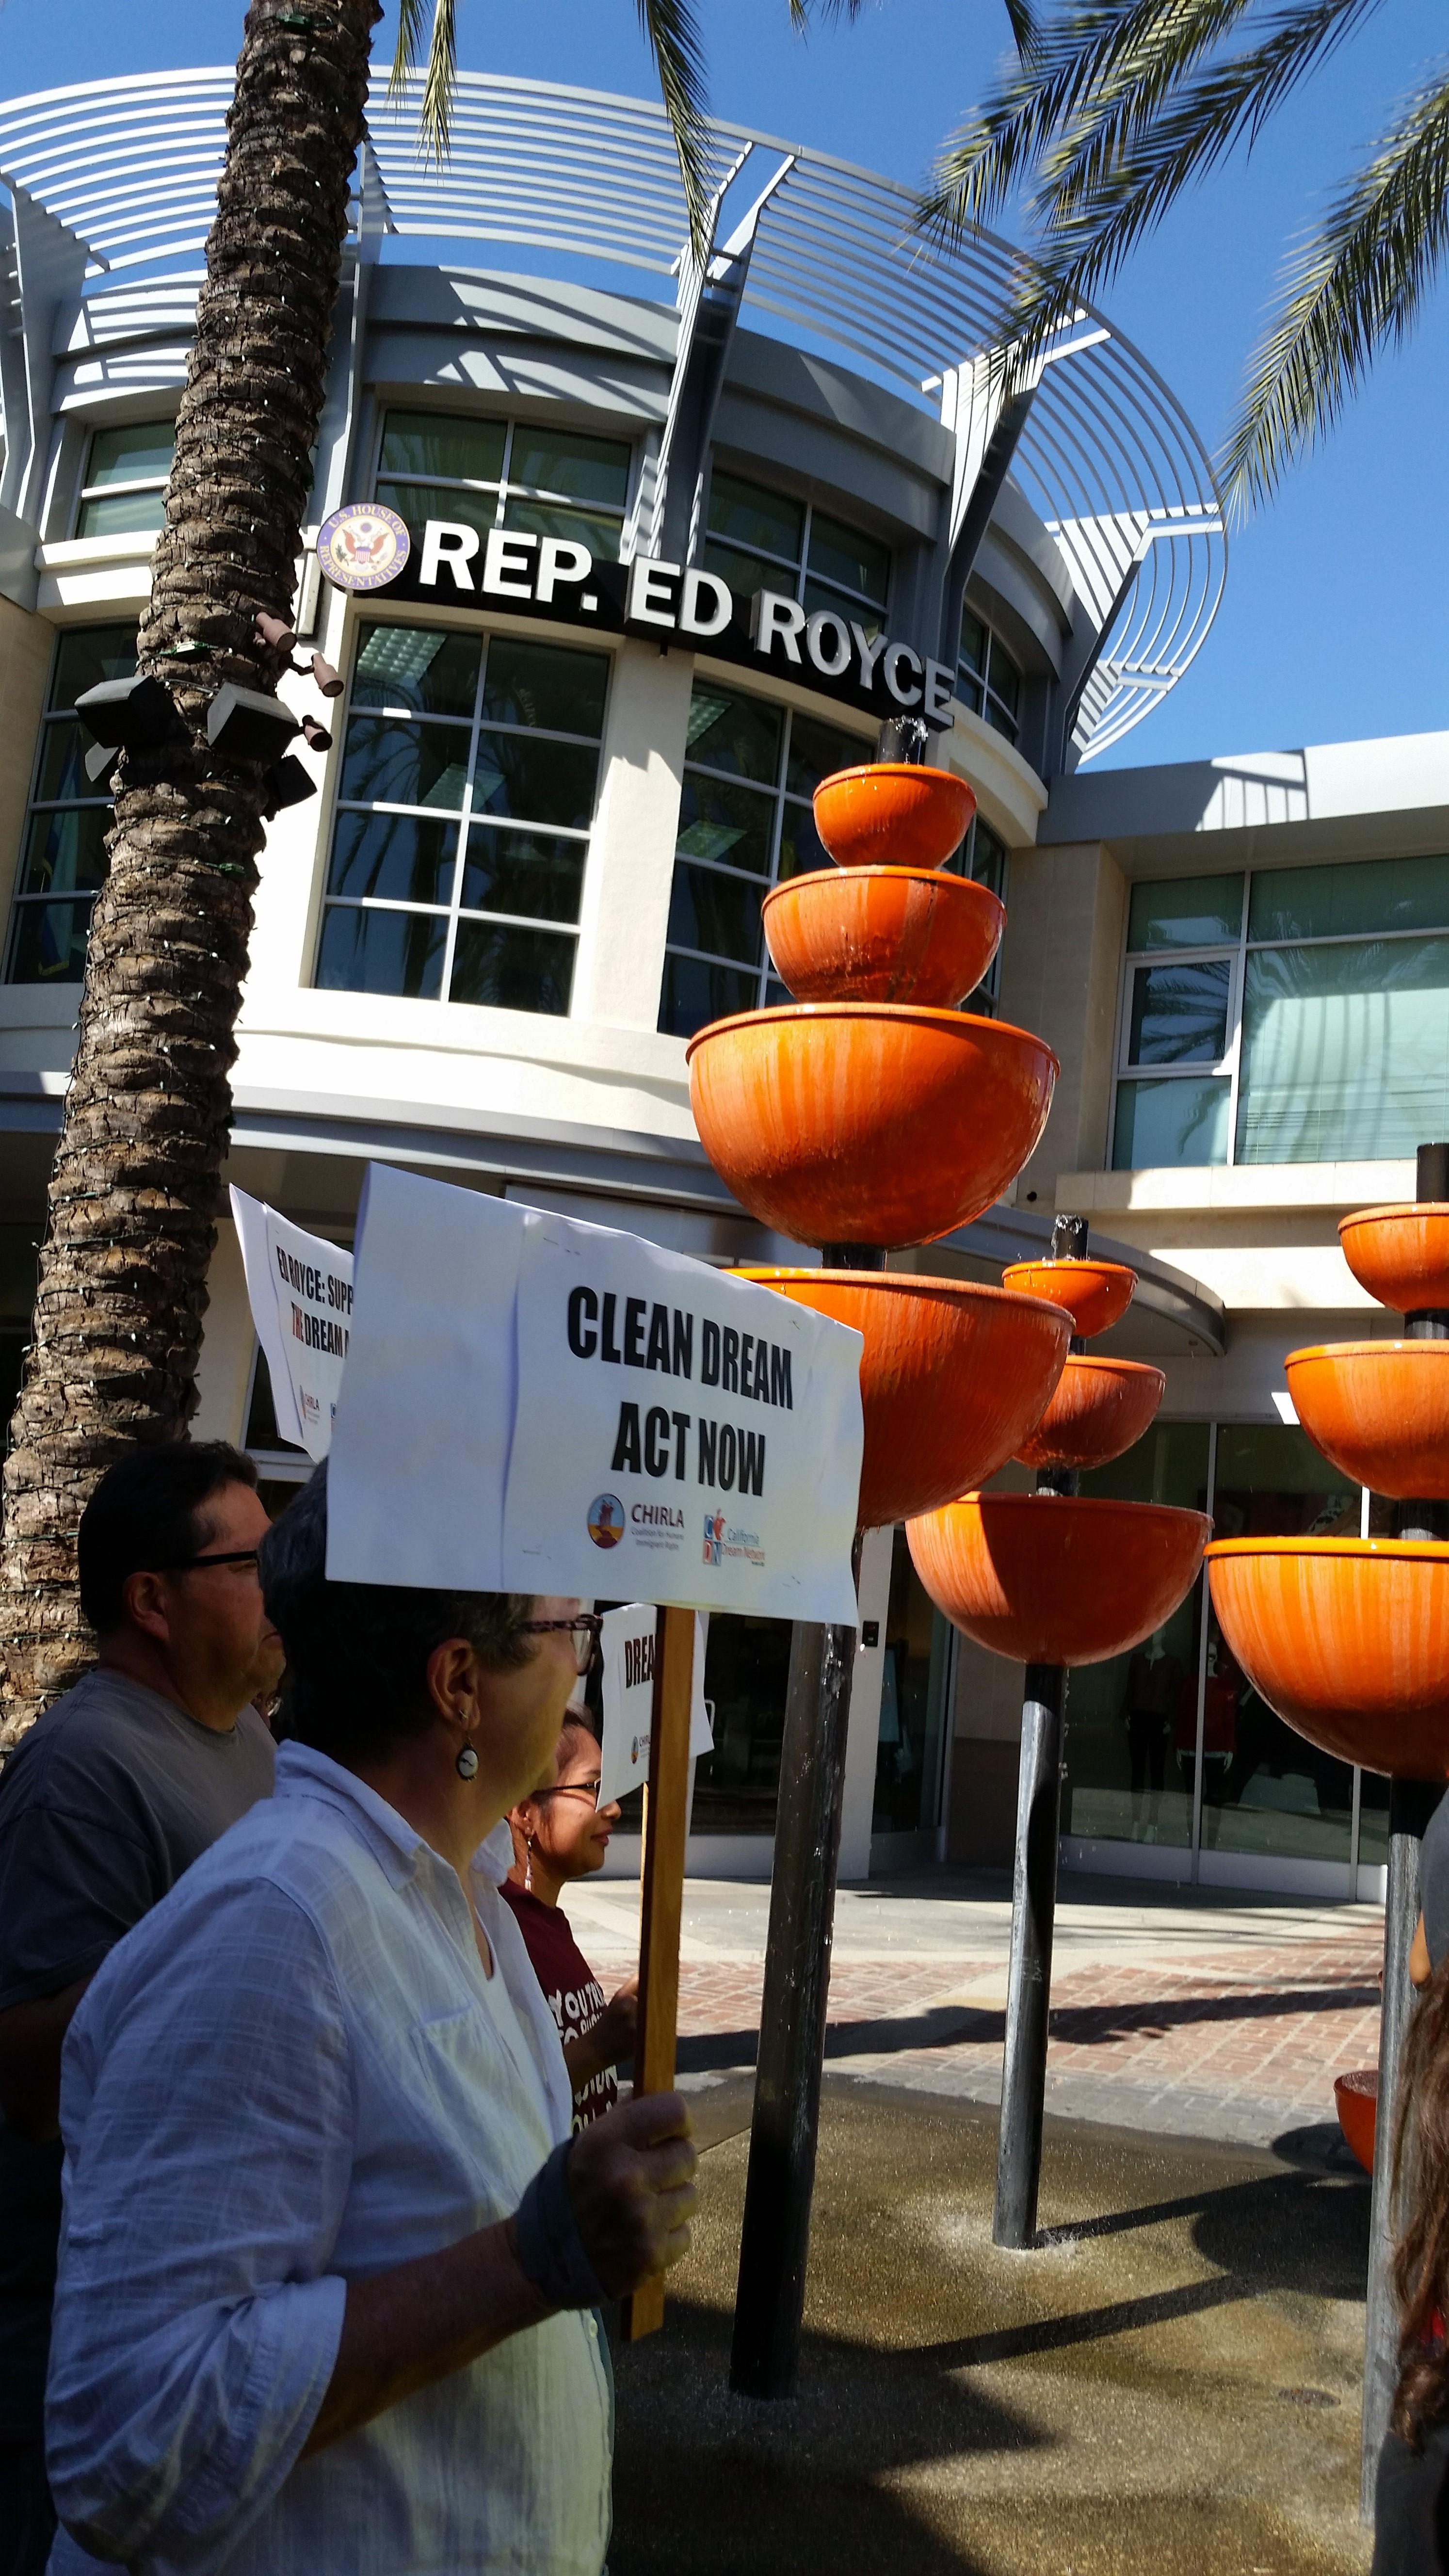 Manifestante frente a oficina de Ed Royce en la Brea, CA.